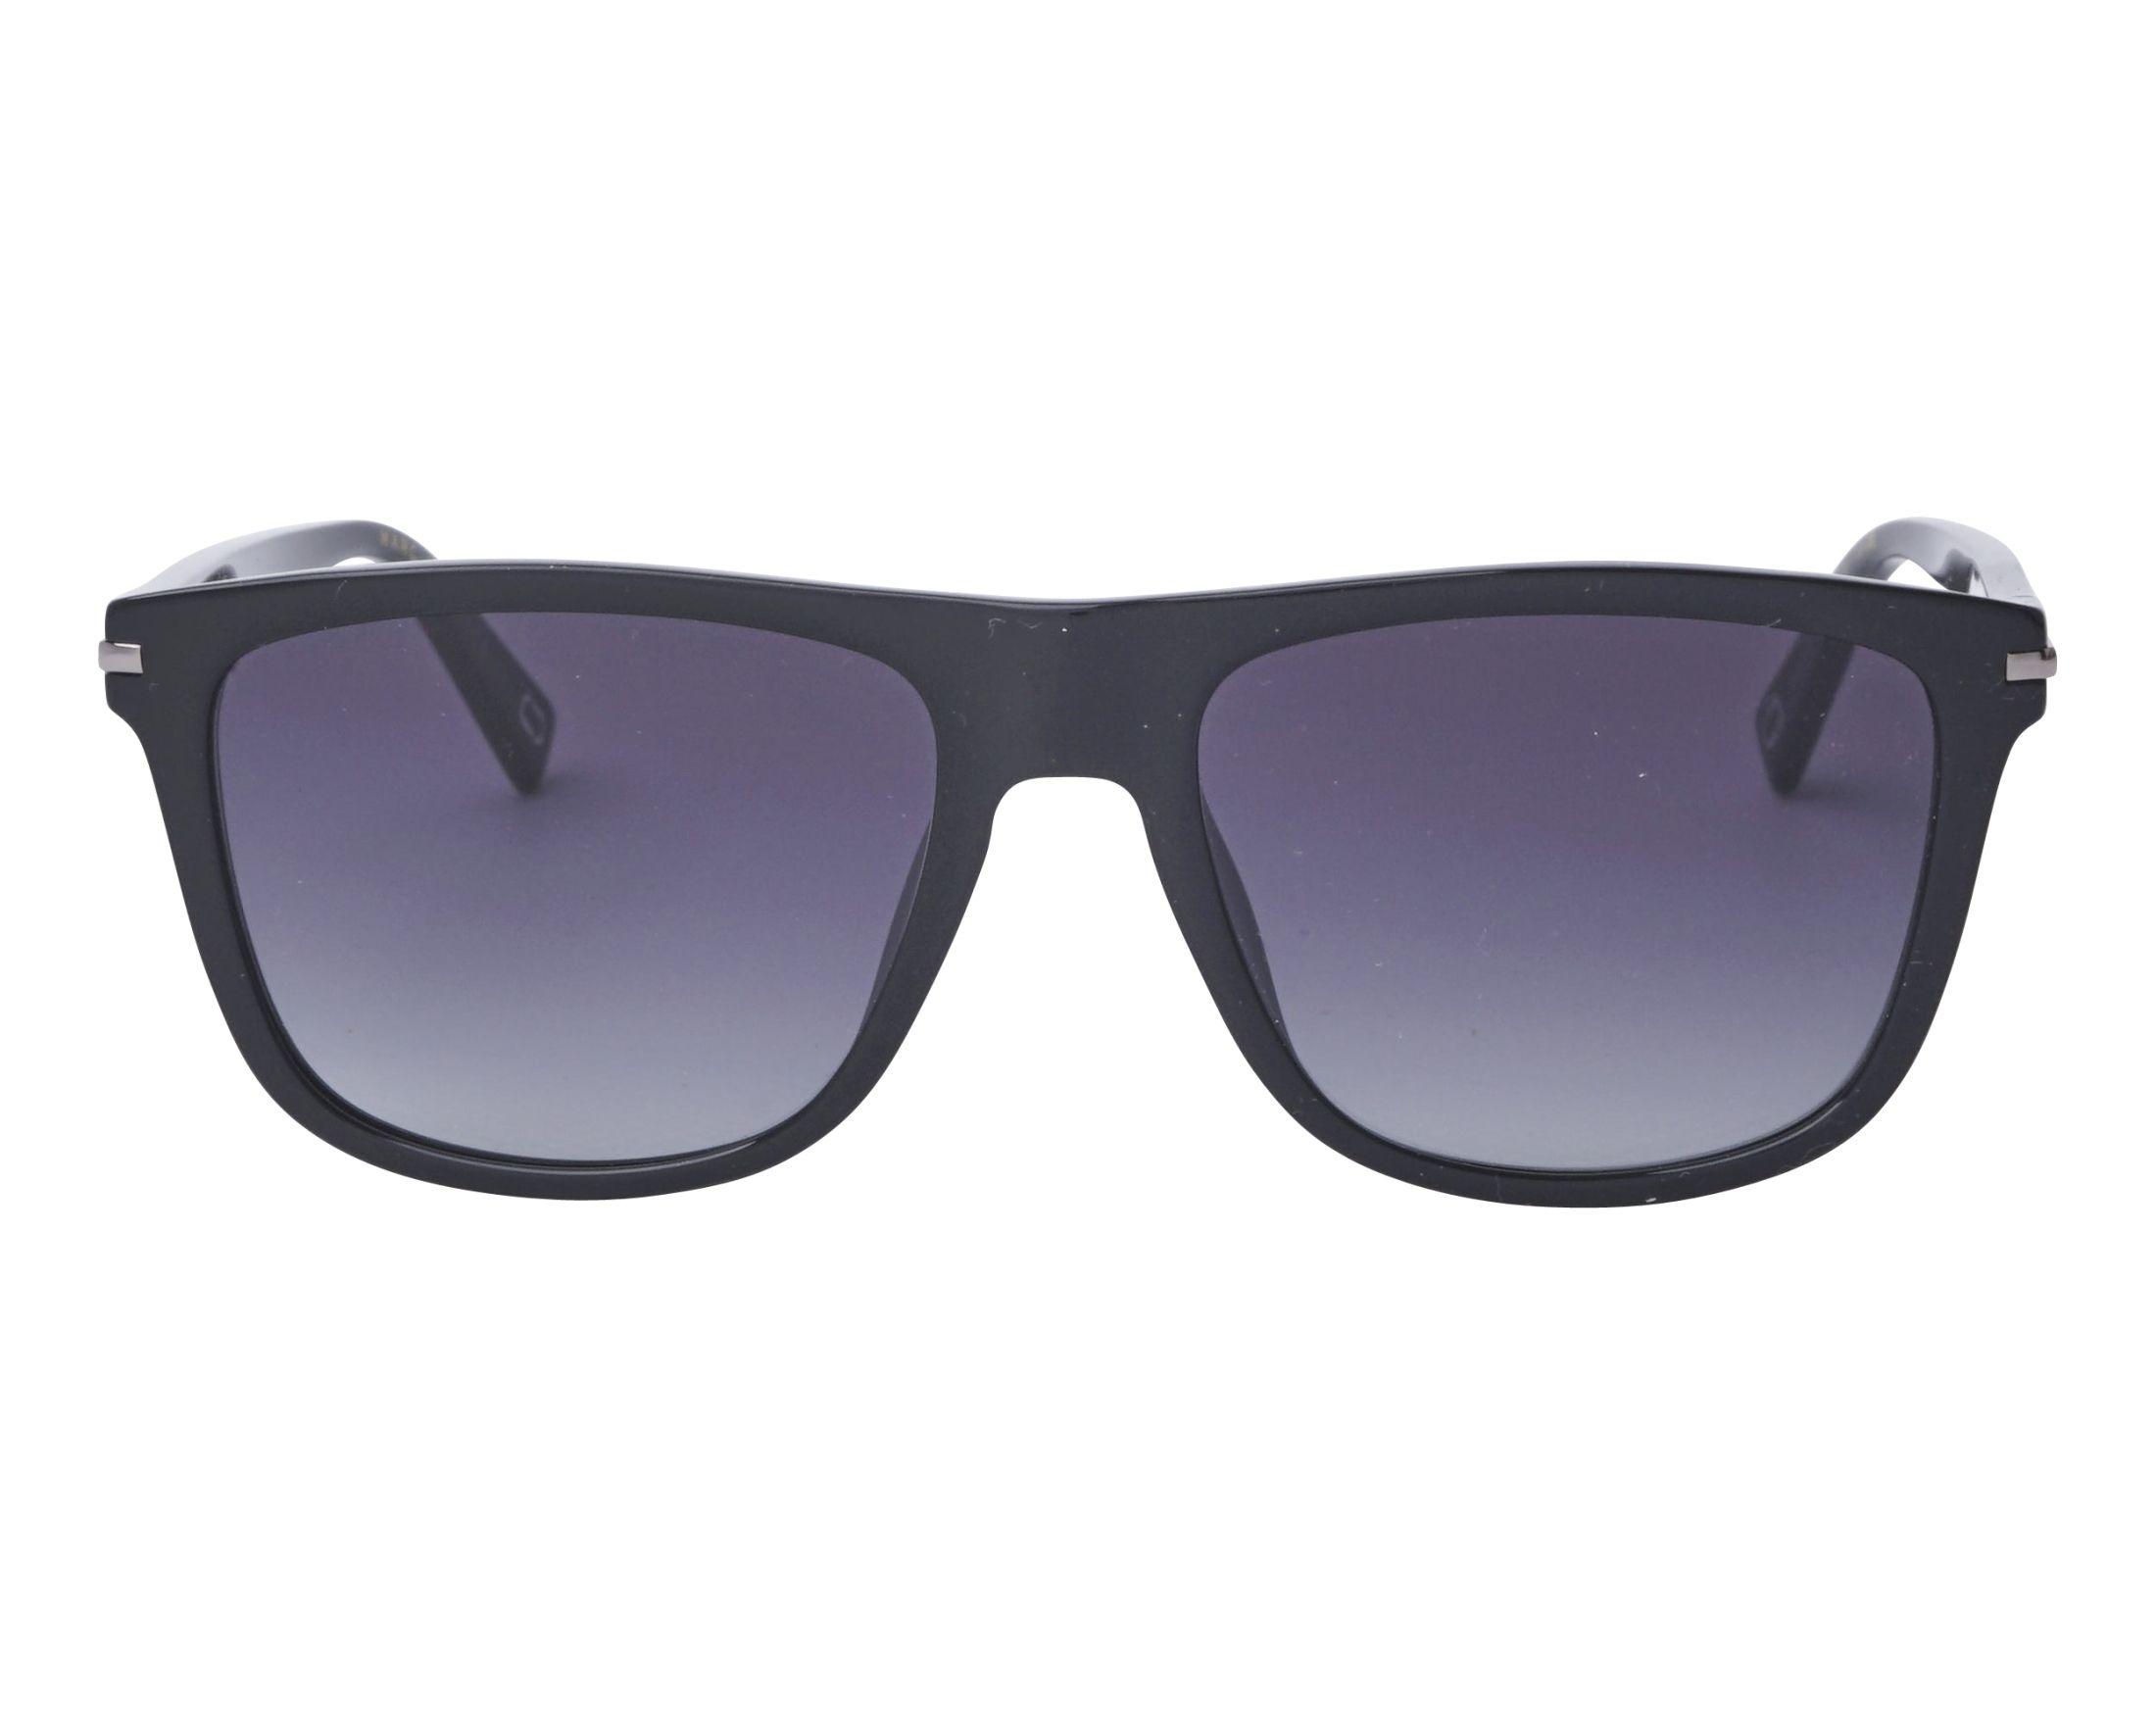 Sunglasses Marc Jacobs MARC-221-S 807 55-18 Black Silver front view 30476ce9e297